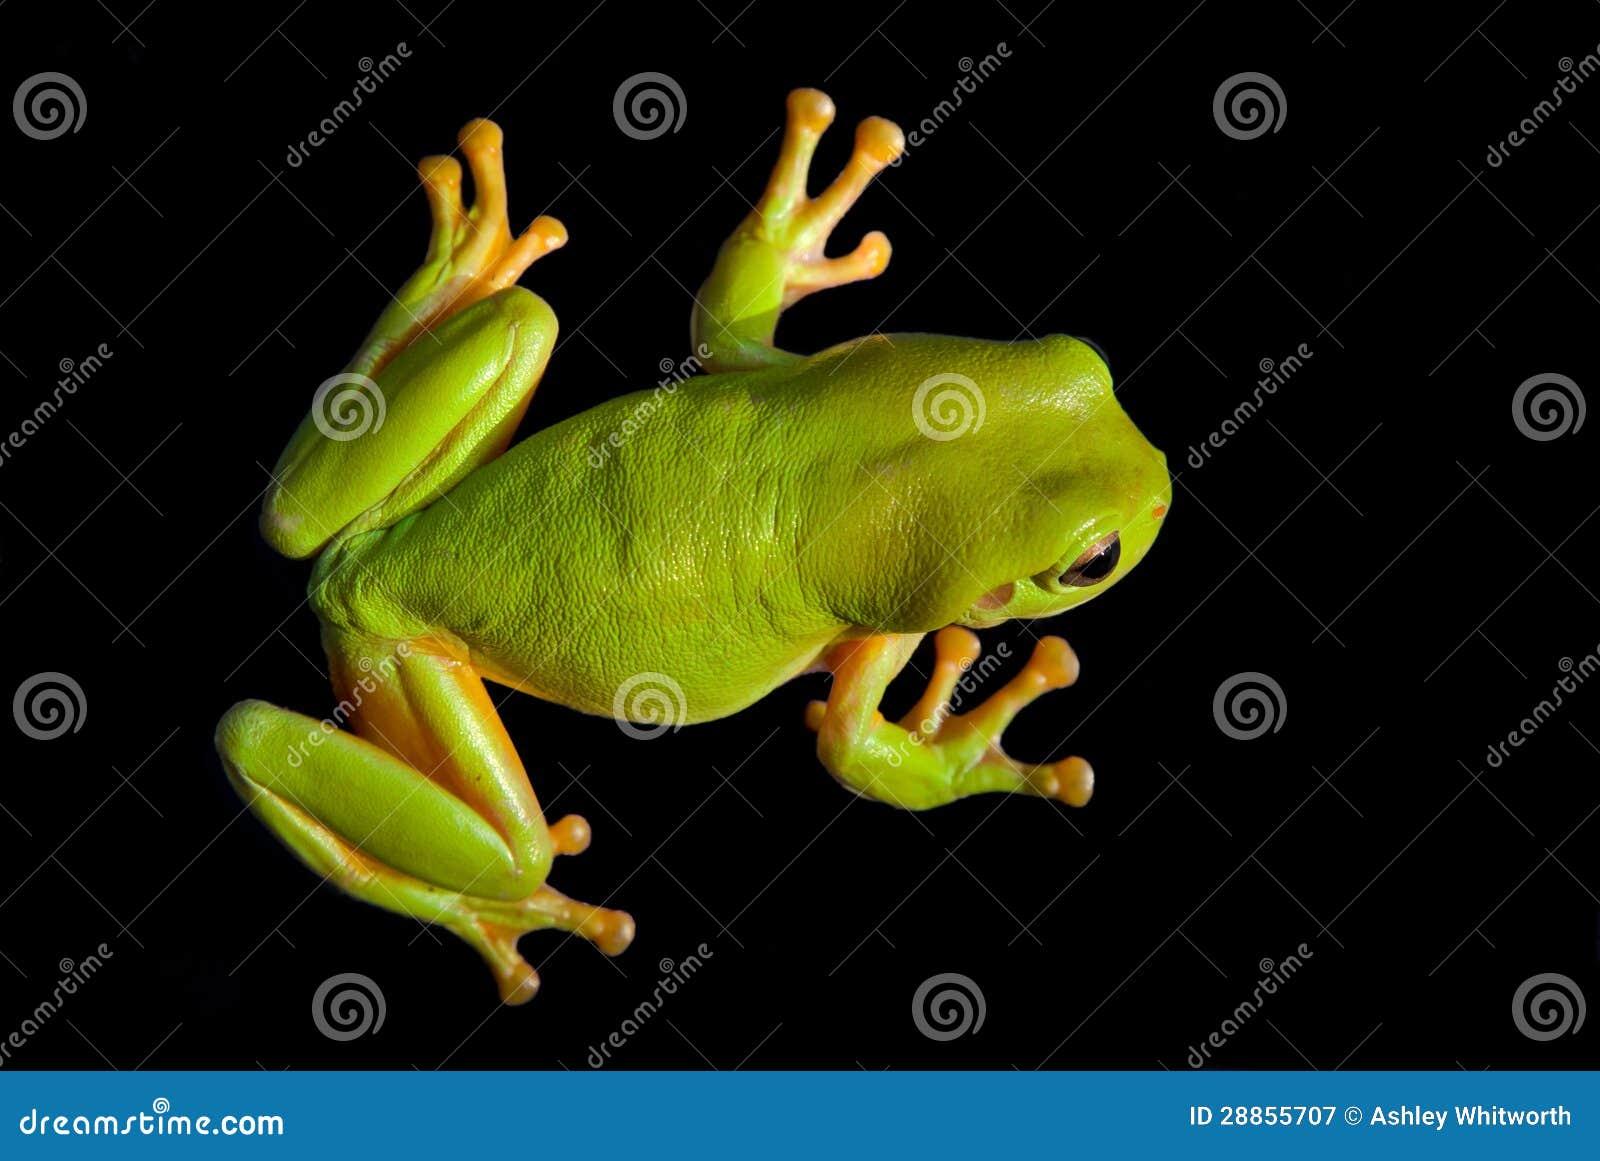 Zielona Drzewna żaba